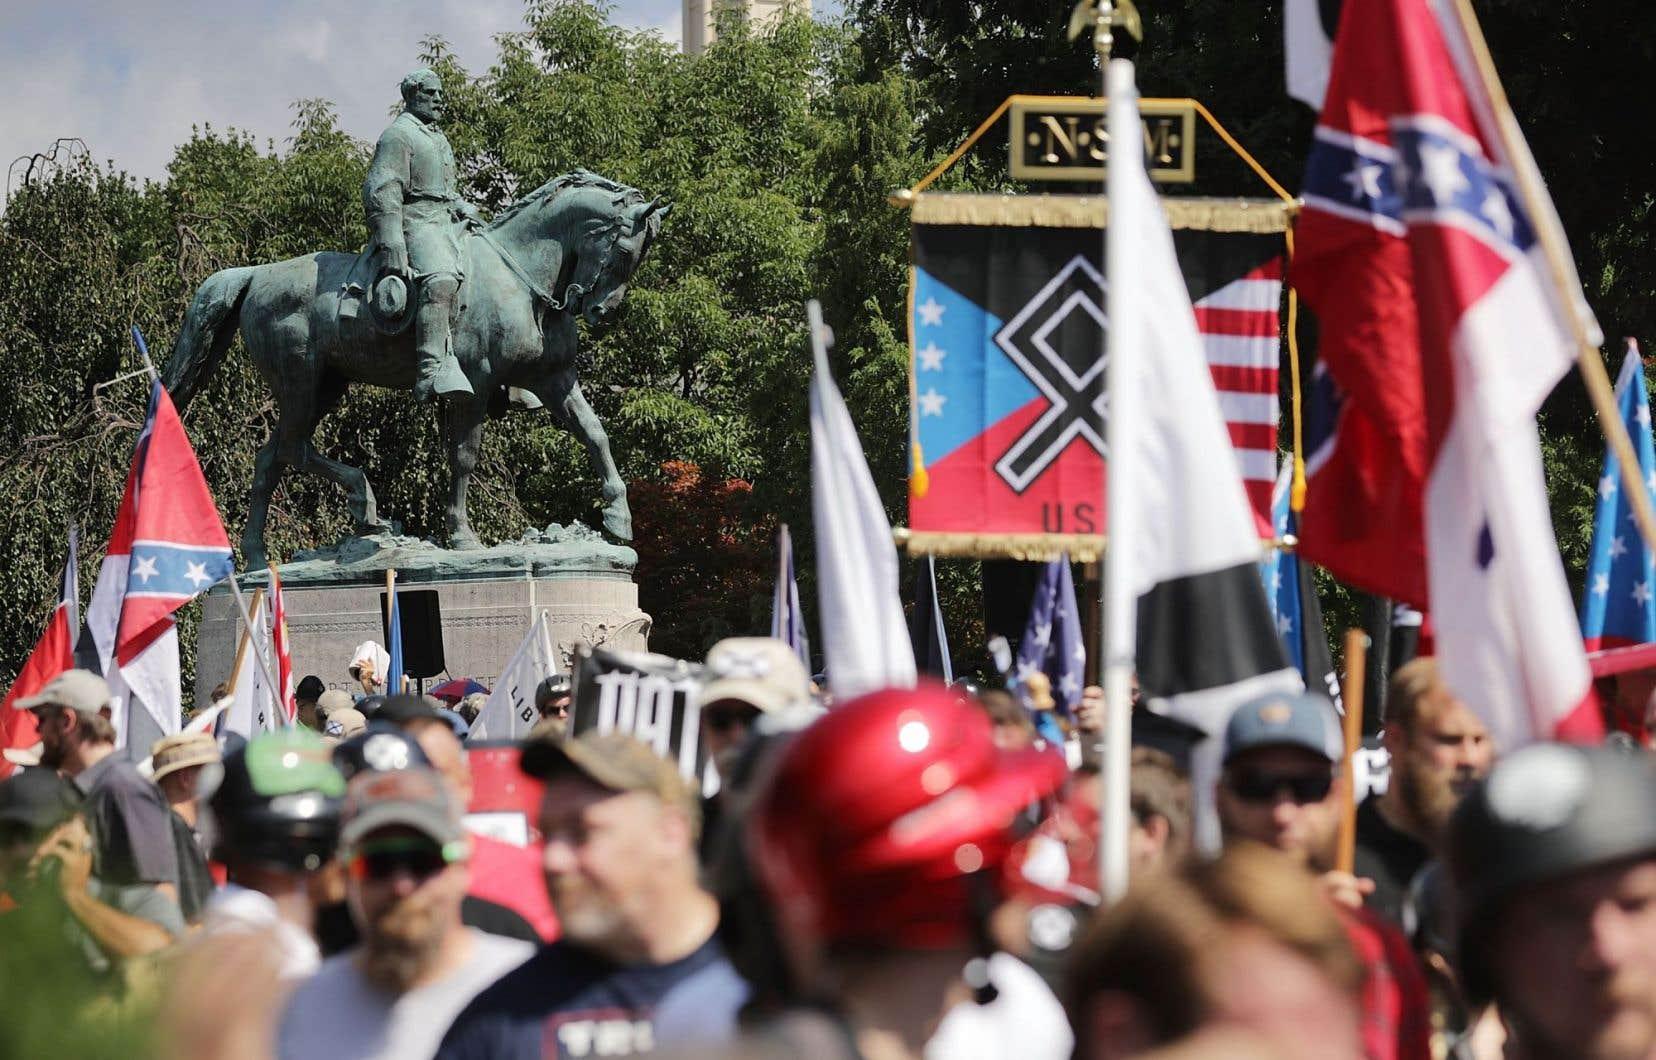 Les groupes d'extrême droite étaient nombreux samedi au rassemblement de Charlottesville.